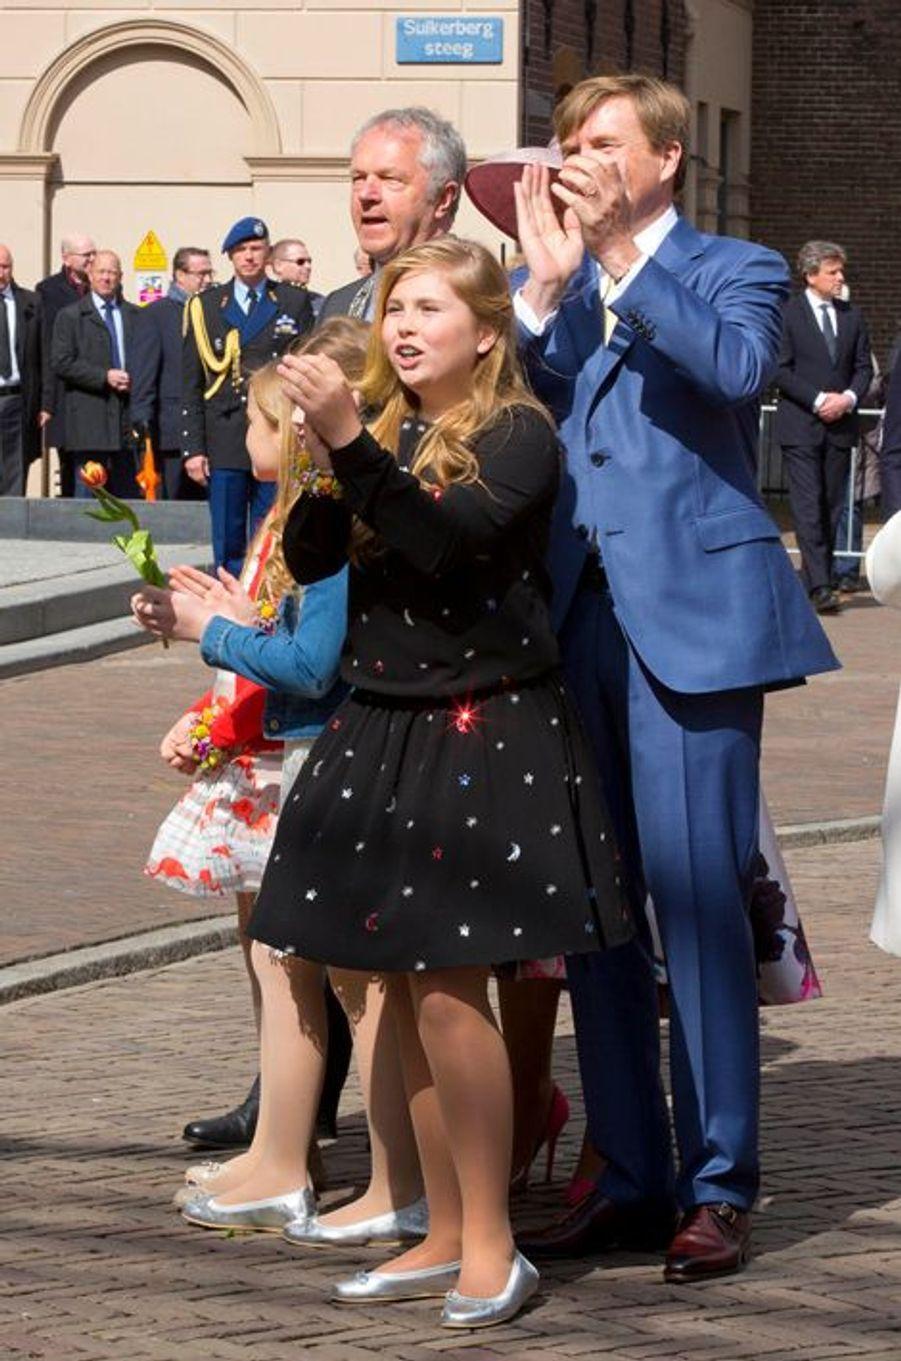 Le roi Willem-Alexander des Pays-Bas avec ses filles à Zwolle, le 27 avril 2016